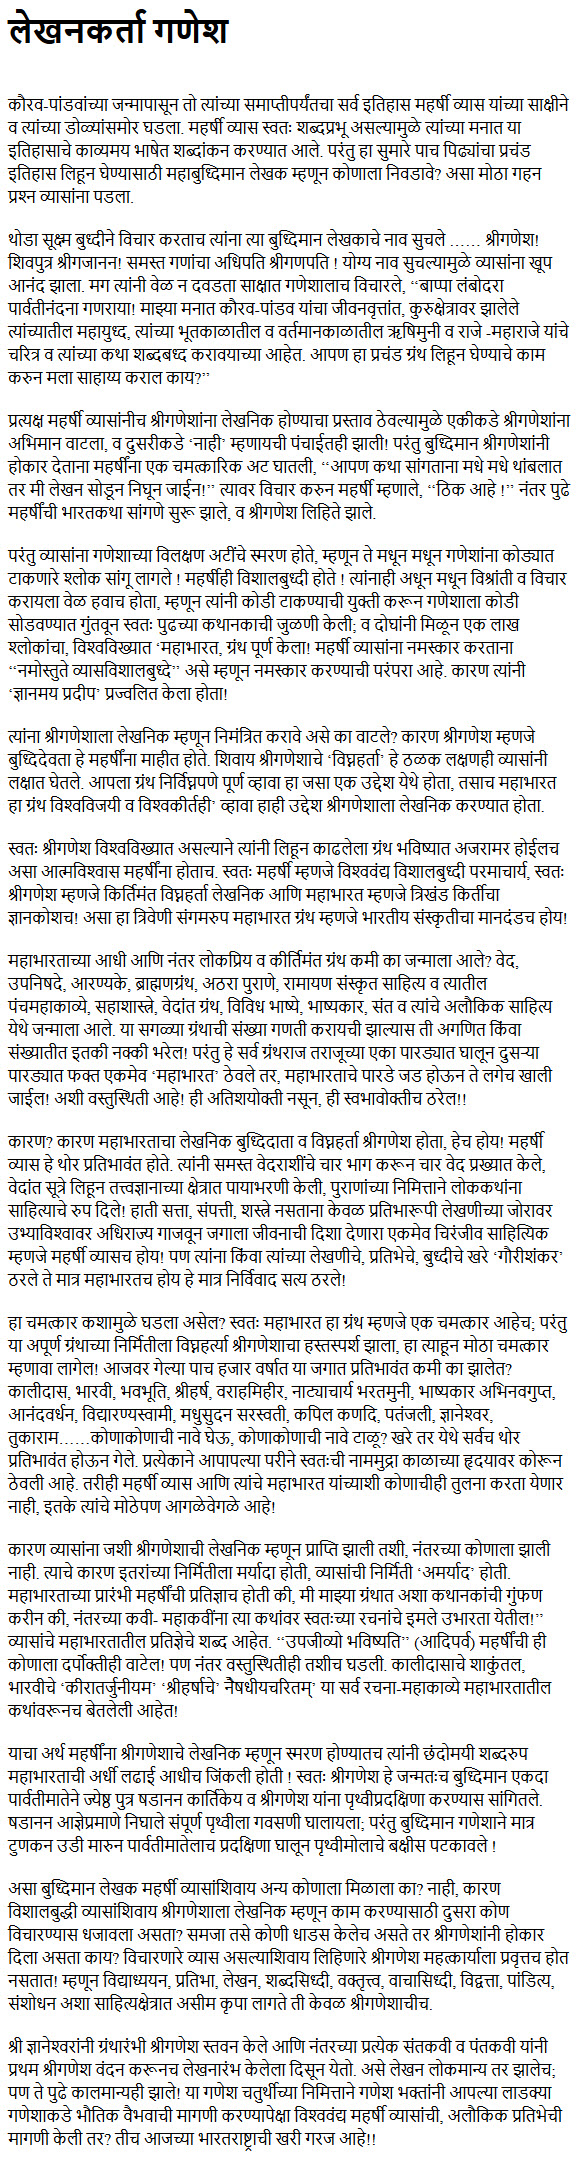 importance of ganesh chaturthi